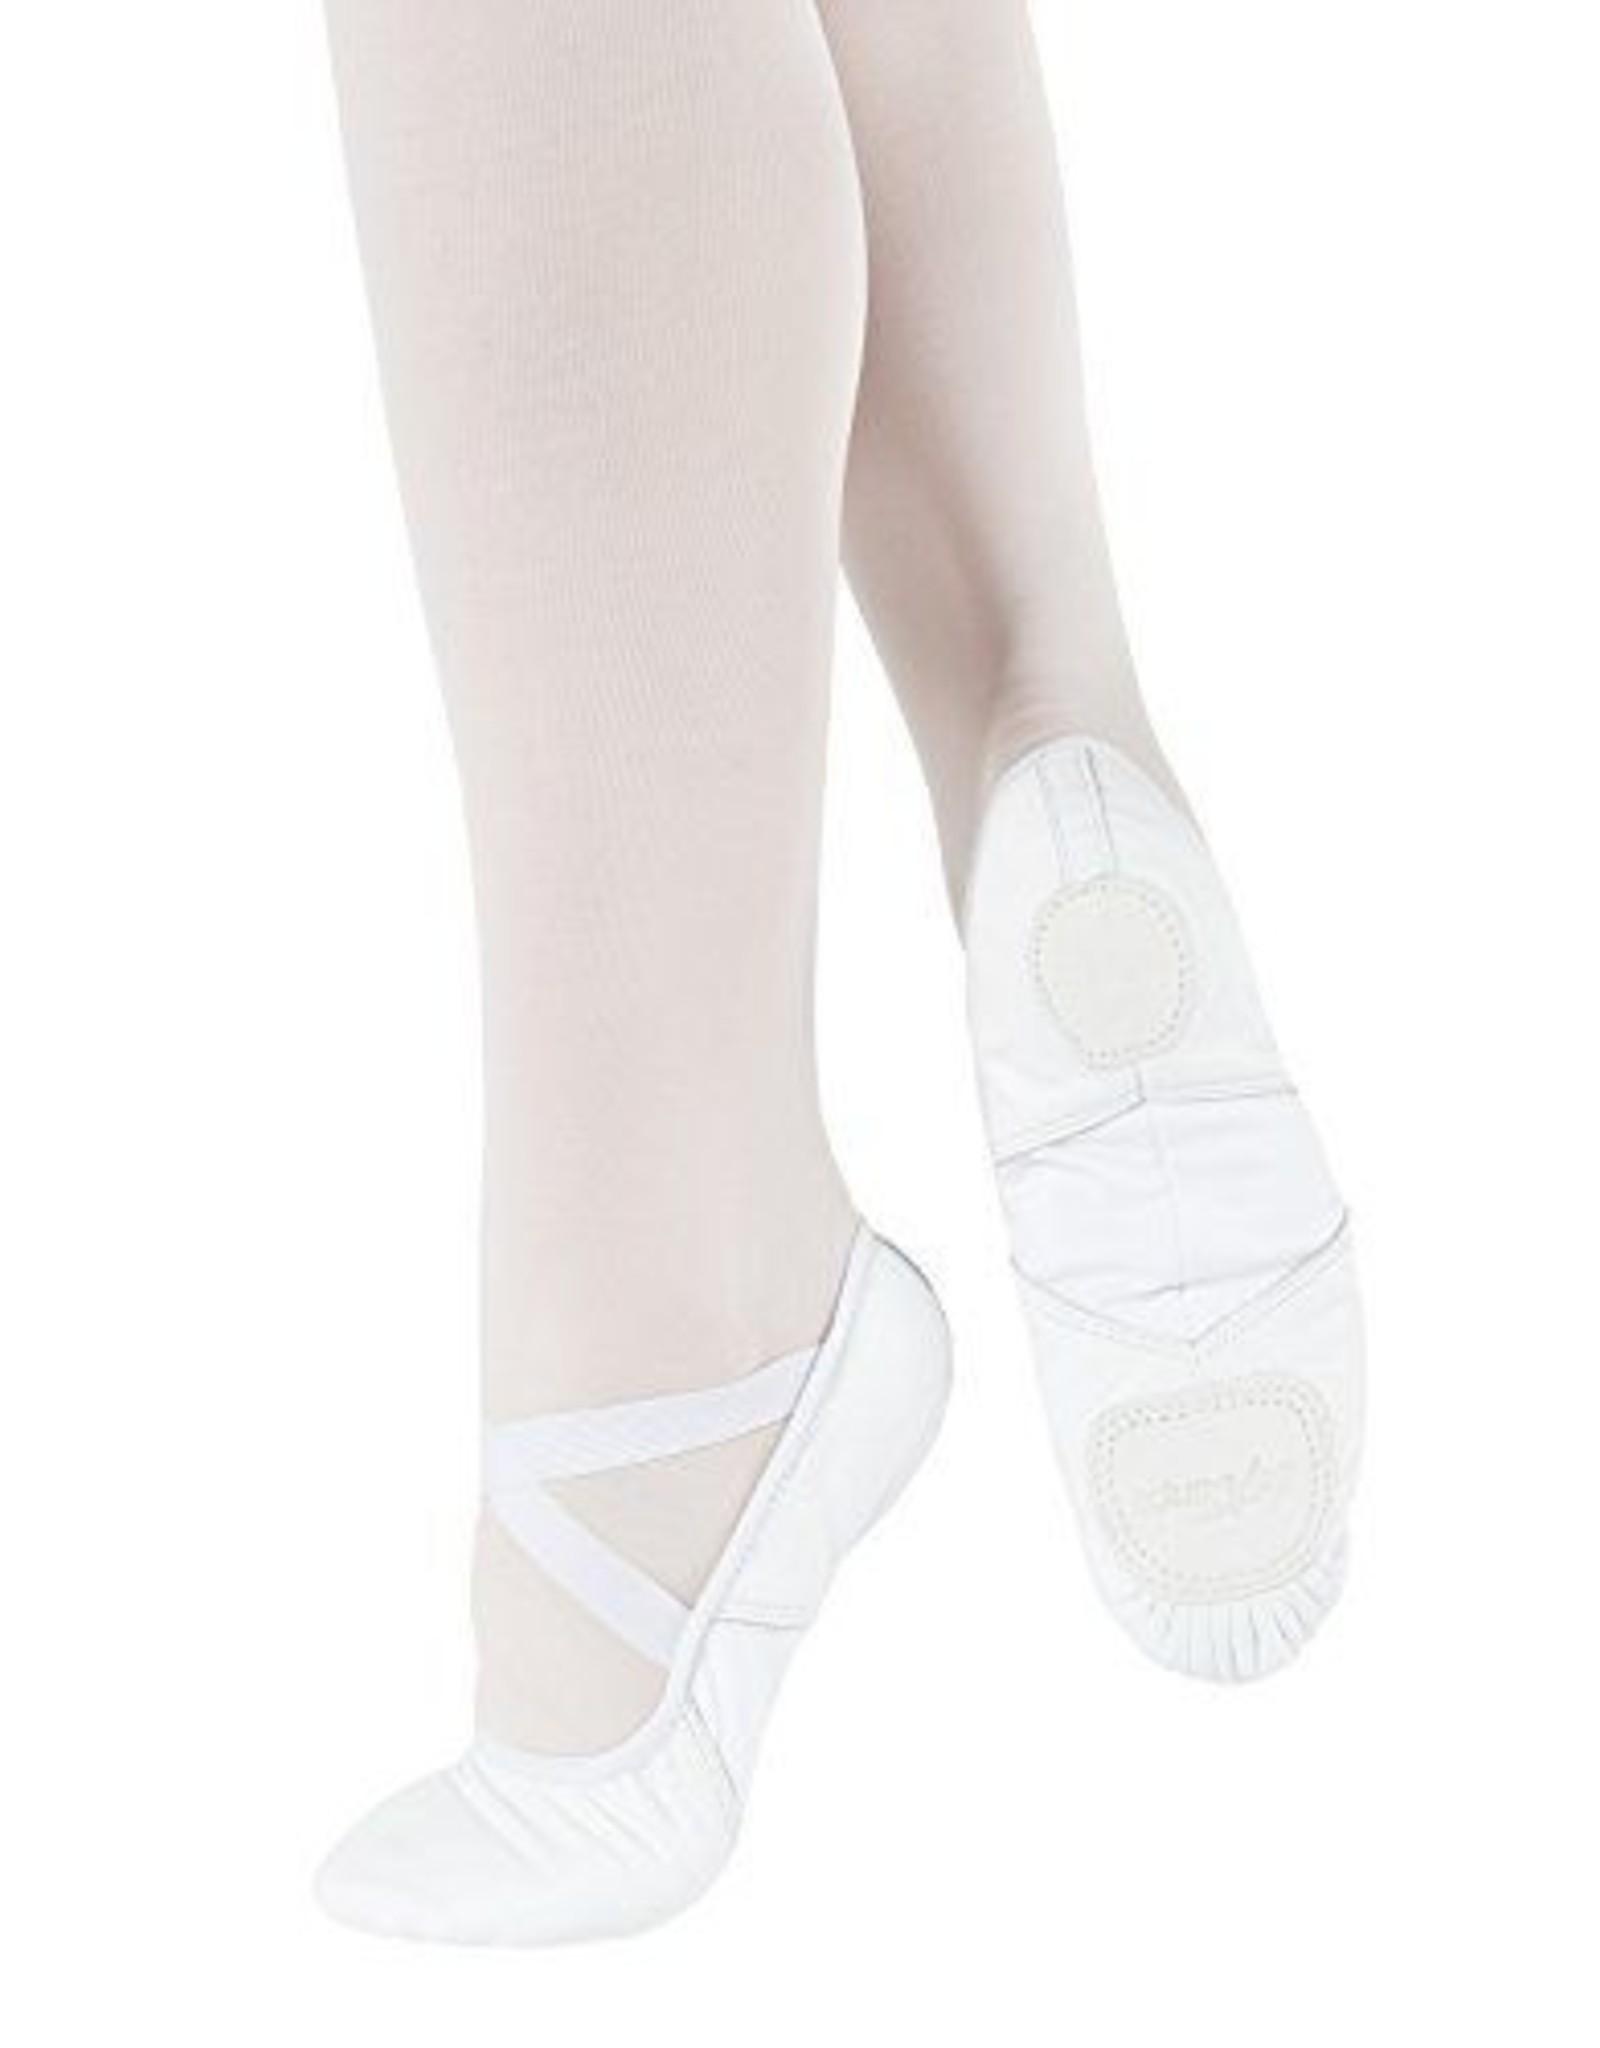 SoDanća SD110L Split Sole Leather Ballet Shoe W/O drawstring  WHITE